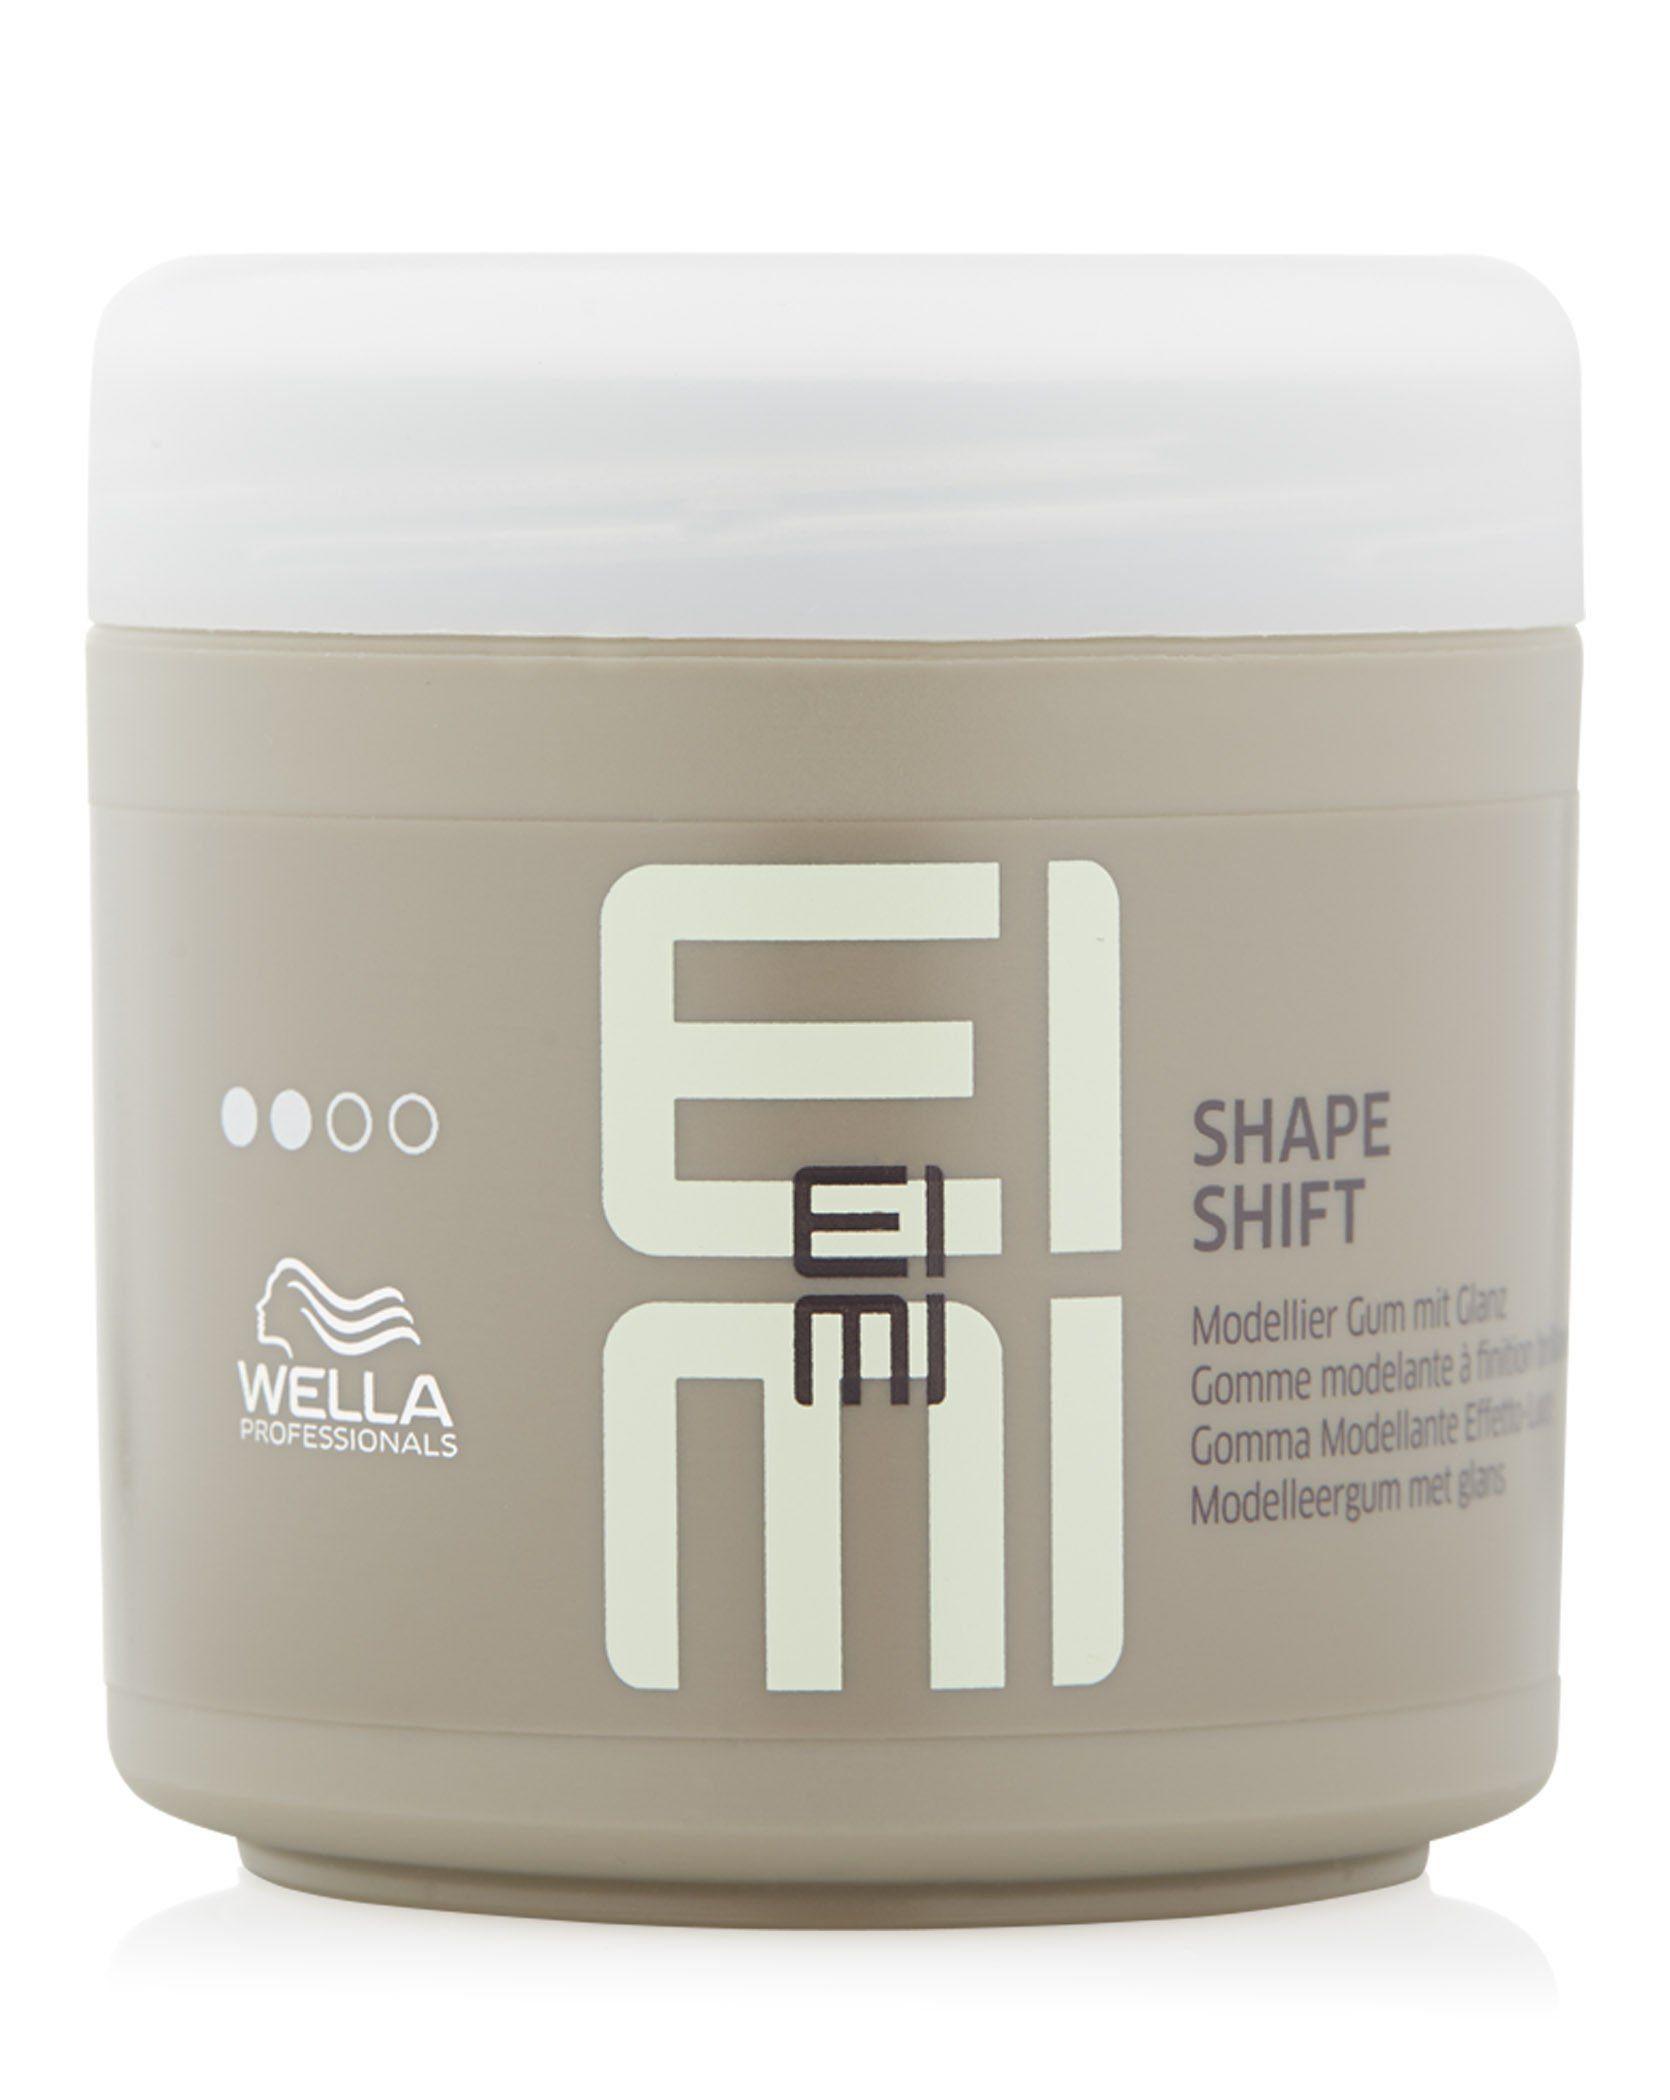 Wella Professionals Modellier Gum »Eimi Shape Shift Modellier Gum Mit Glanz«